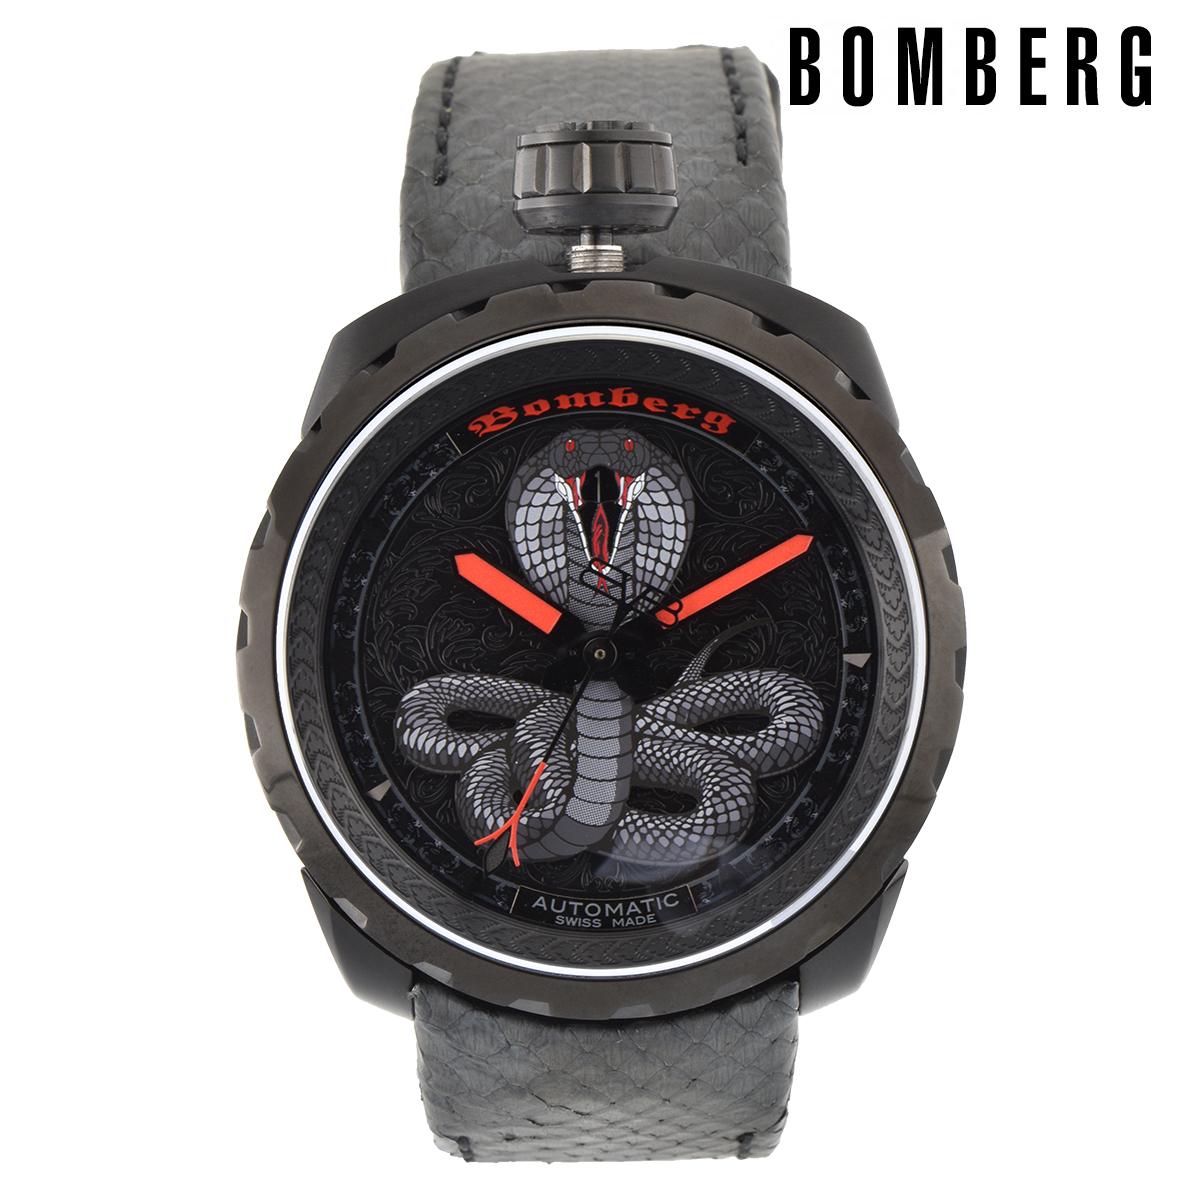 【全品送料無料】 ボンバーグ BOMBERG ボルト68 BOLT-68 bs45apba-043-1-3 メンズ 時計 腕時計 自動巻き オートマチック